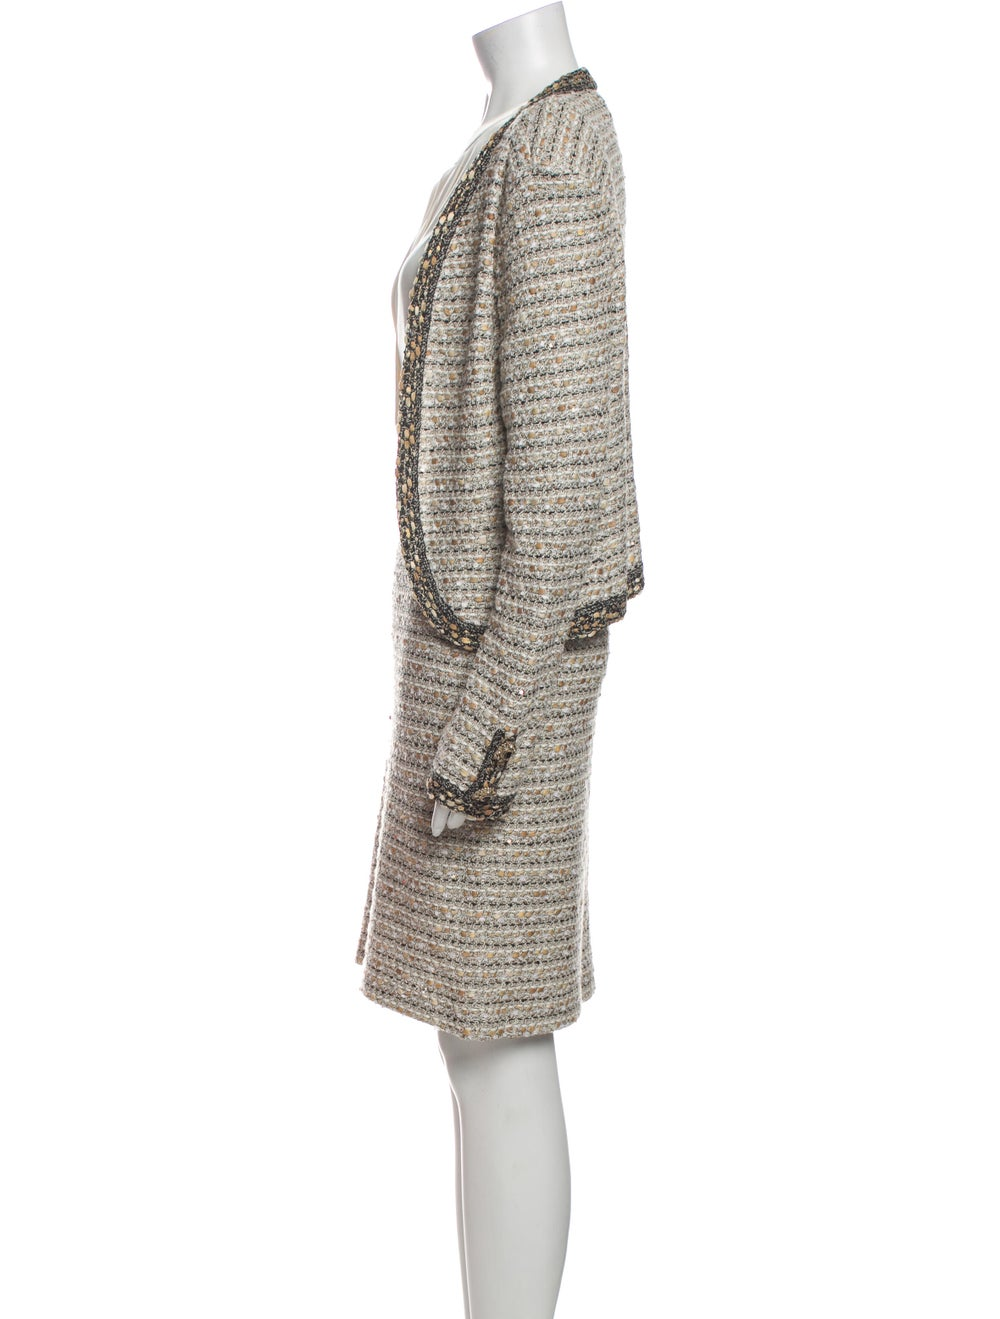 St. John Tweed Pattern Dress Set - image 2